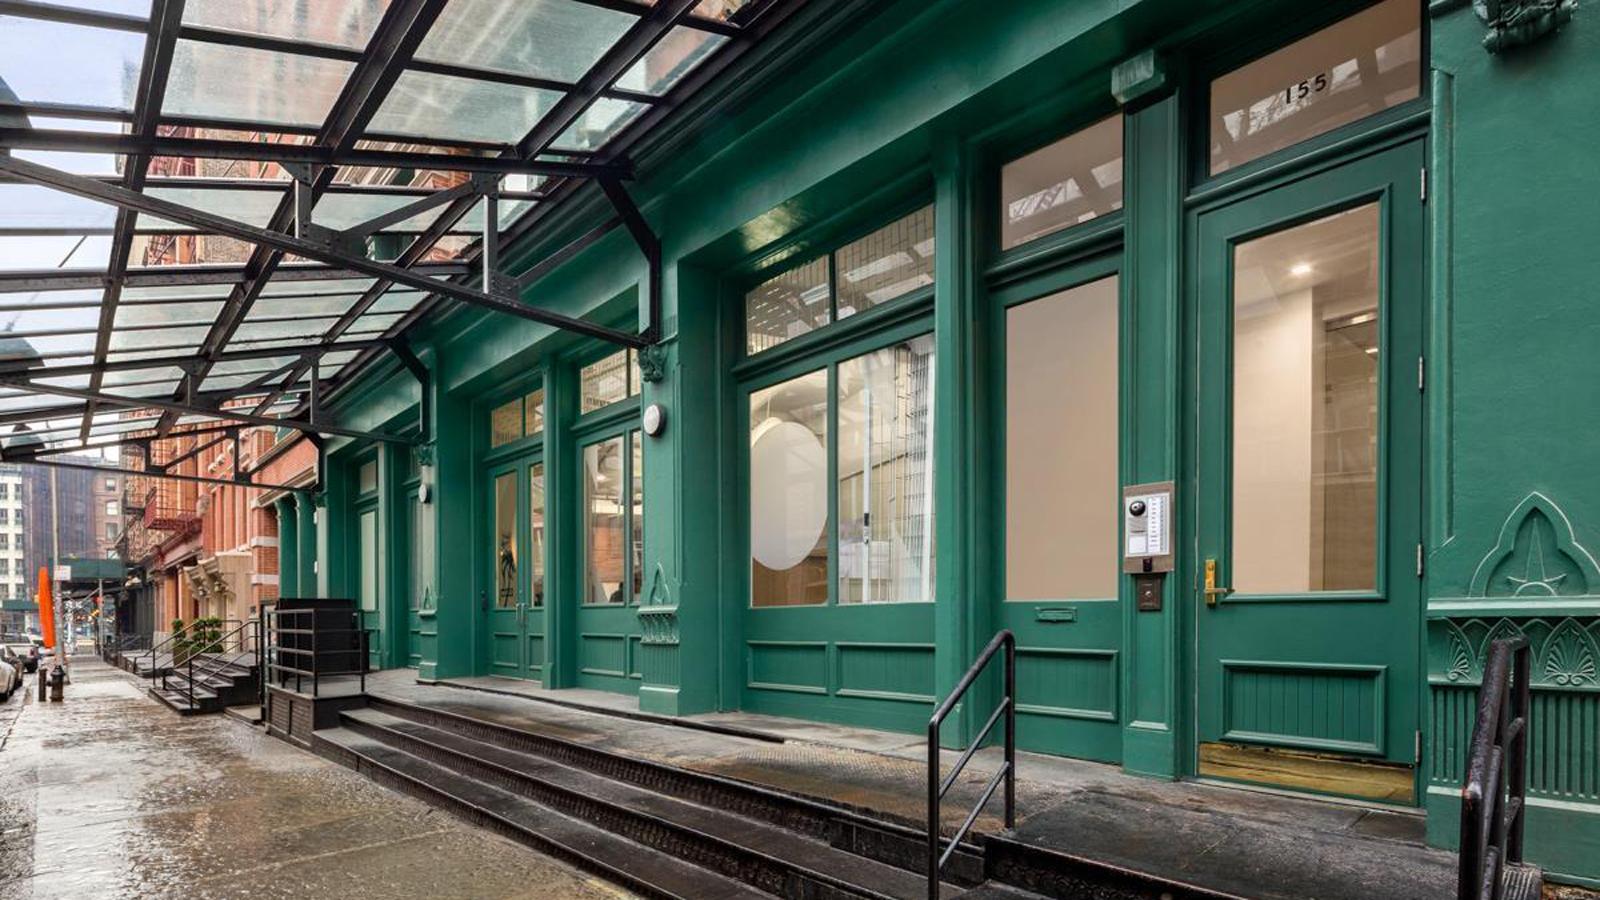 The Sugar Loaf Building, 155 Franklin Street